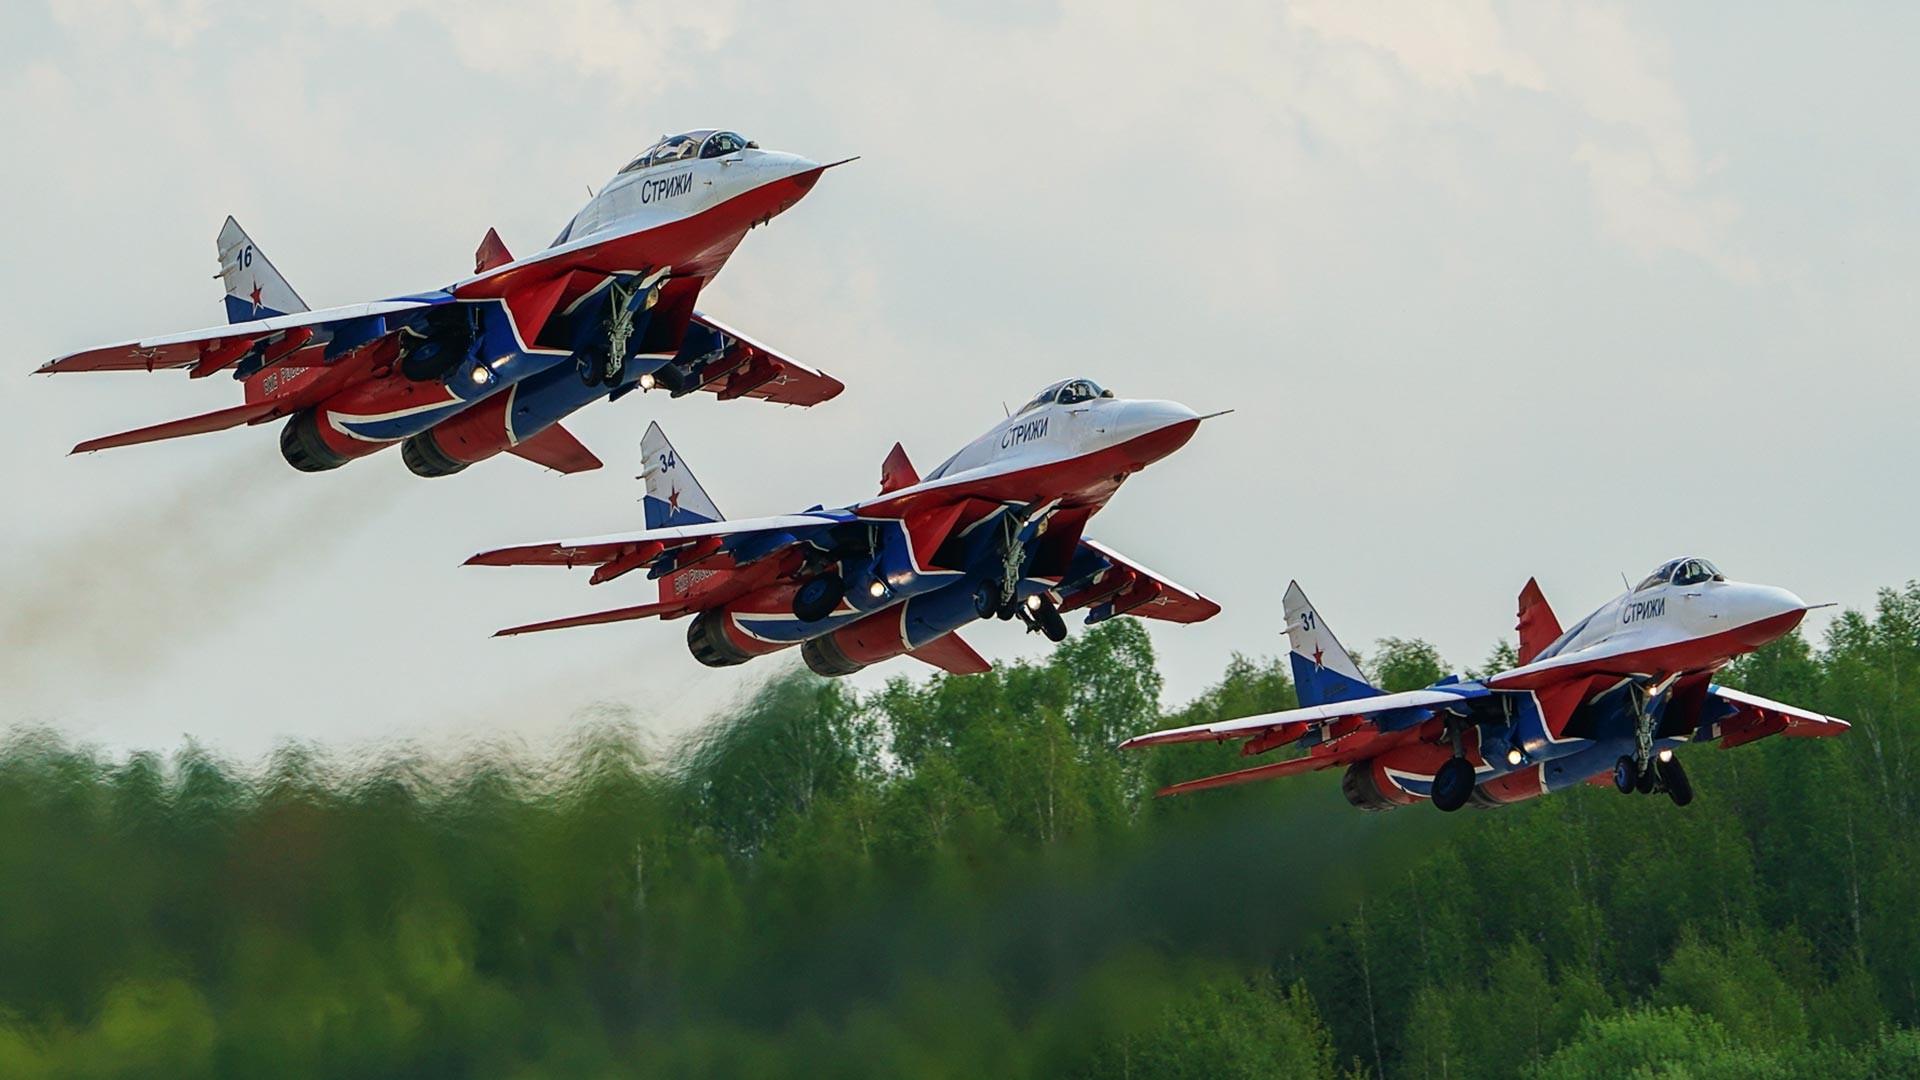 Les chasseurs MiG-29 de l'équipe de voltige aérienne Striji effectuent un vol de démonstration au-dessus de l'aérodrome de Koubinka